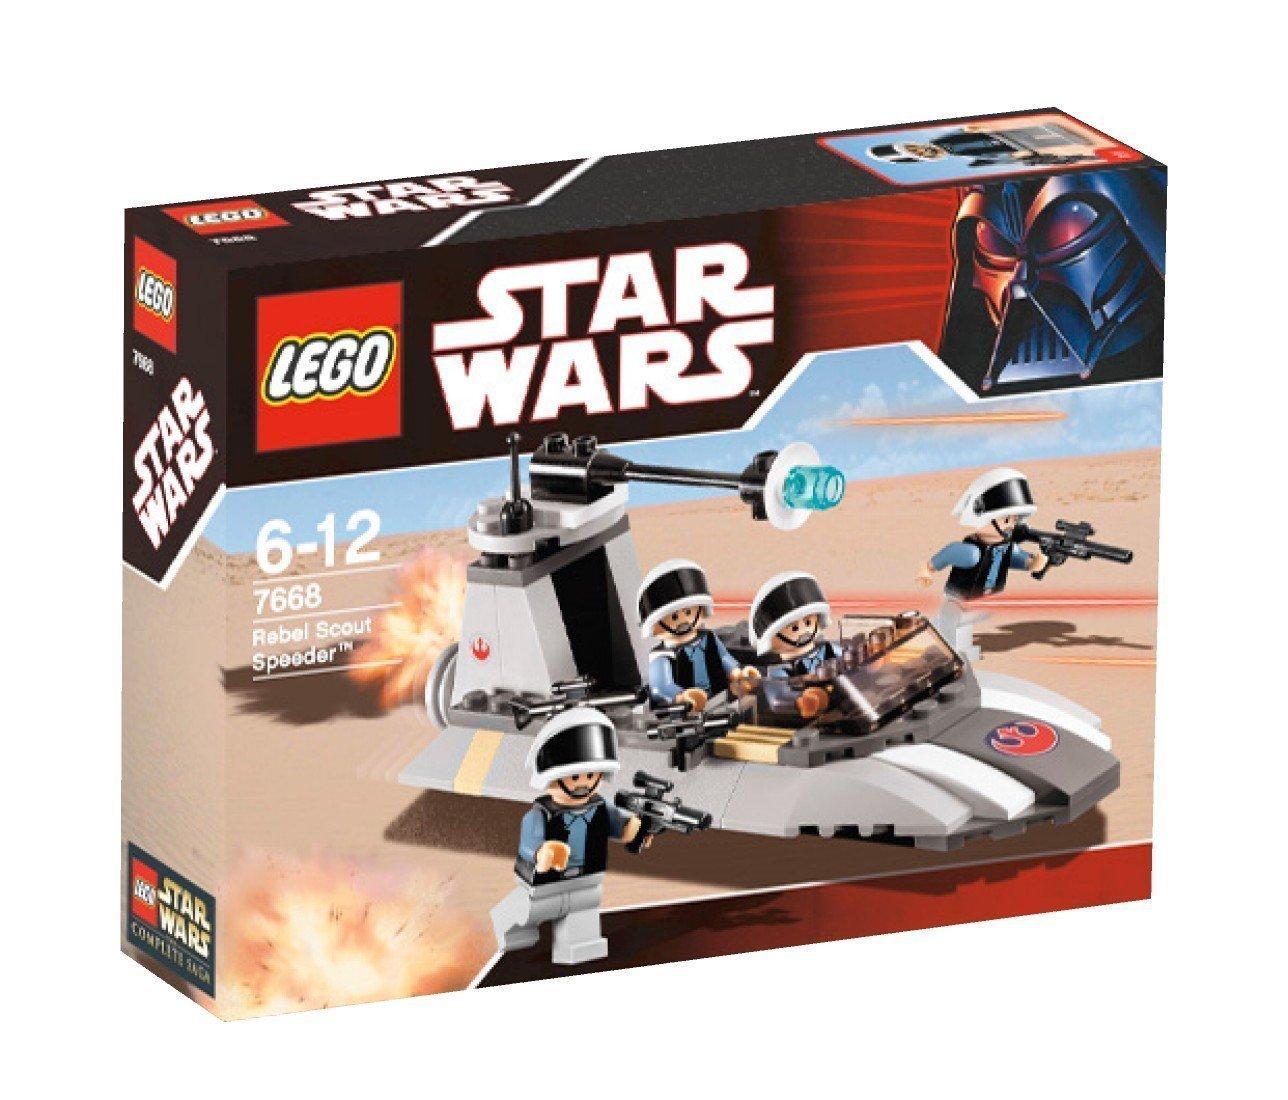 LEGO Star Wars 7668 - Rebel Scout Speeder